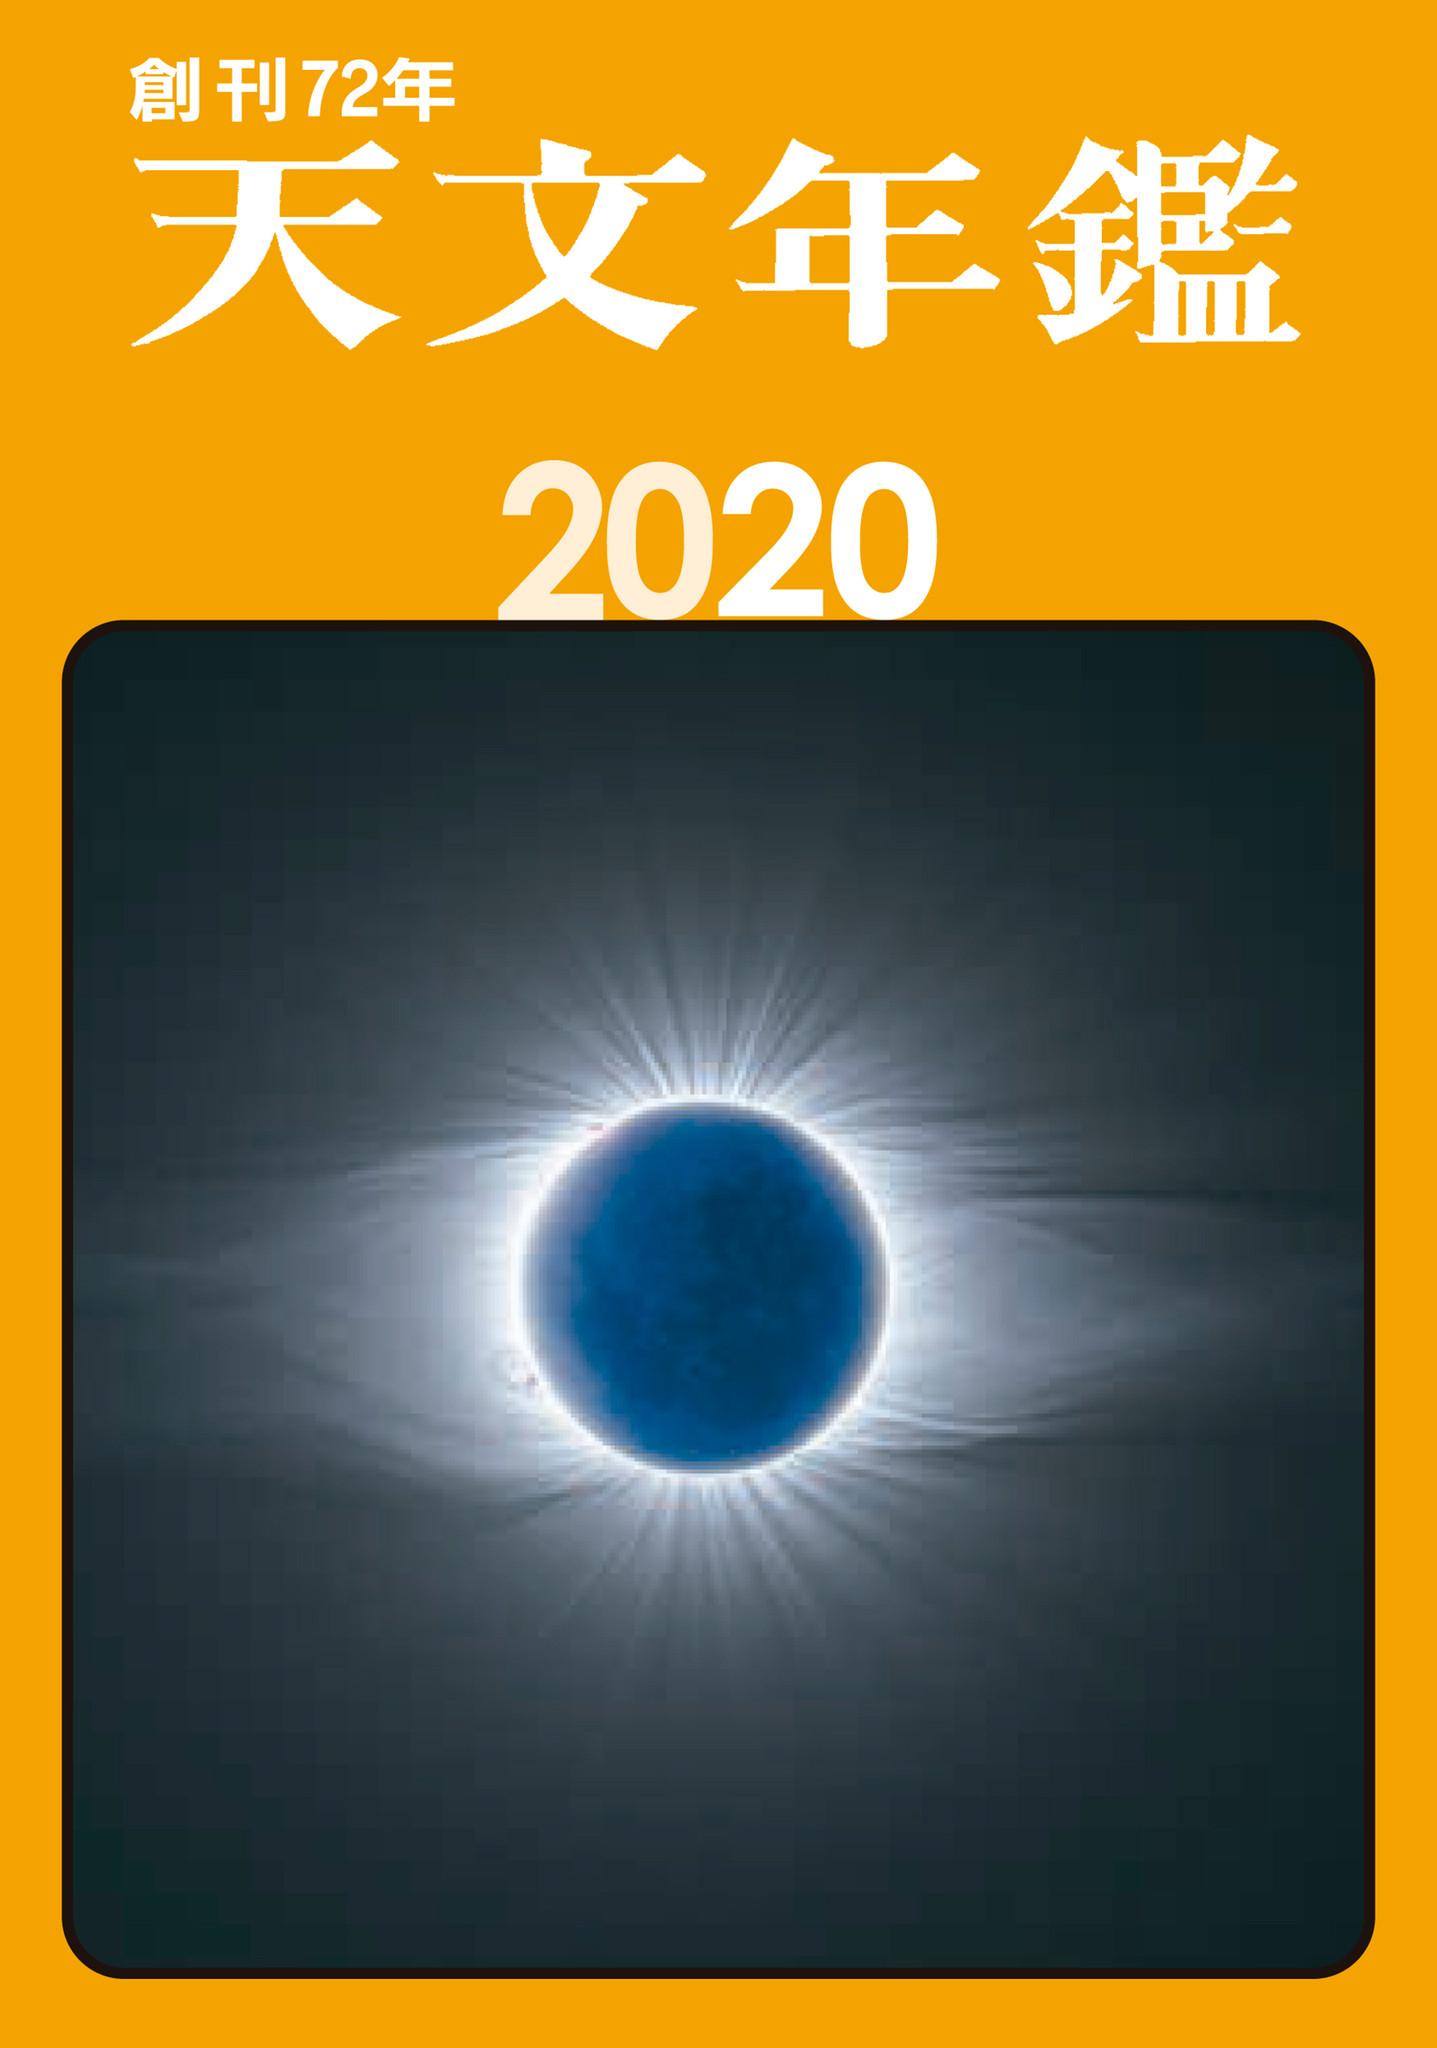 天文ファンに愛されて、創刊72年 》天文データ集『天文年鑑』が ...